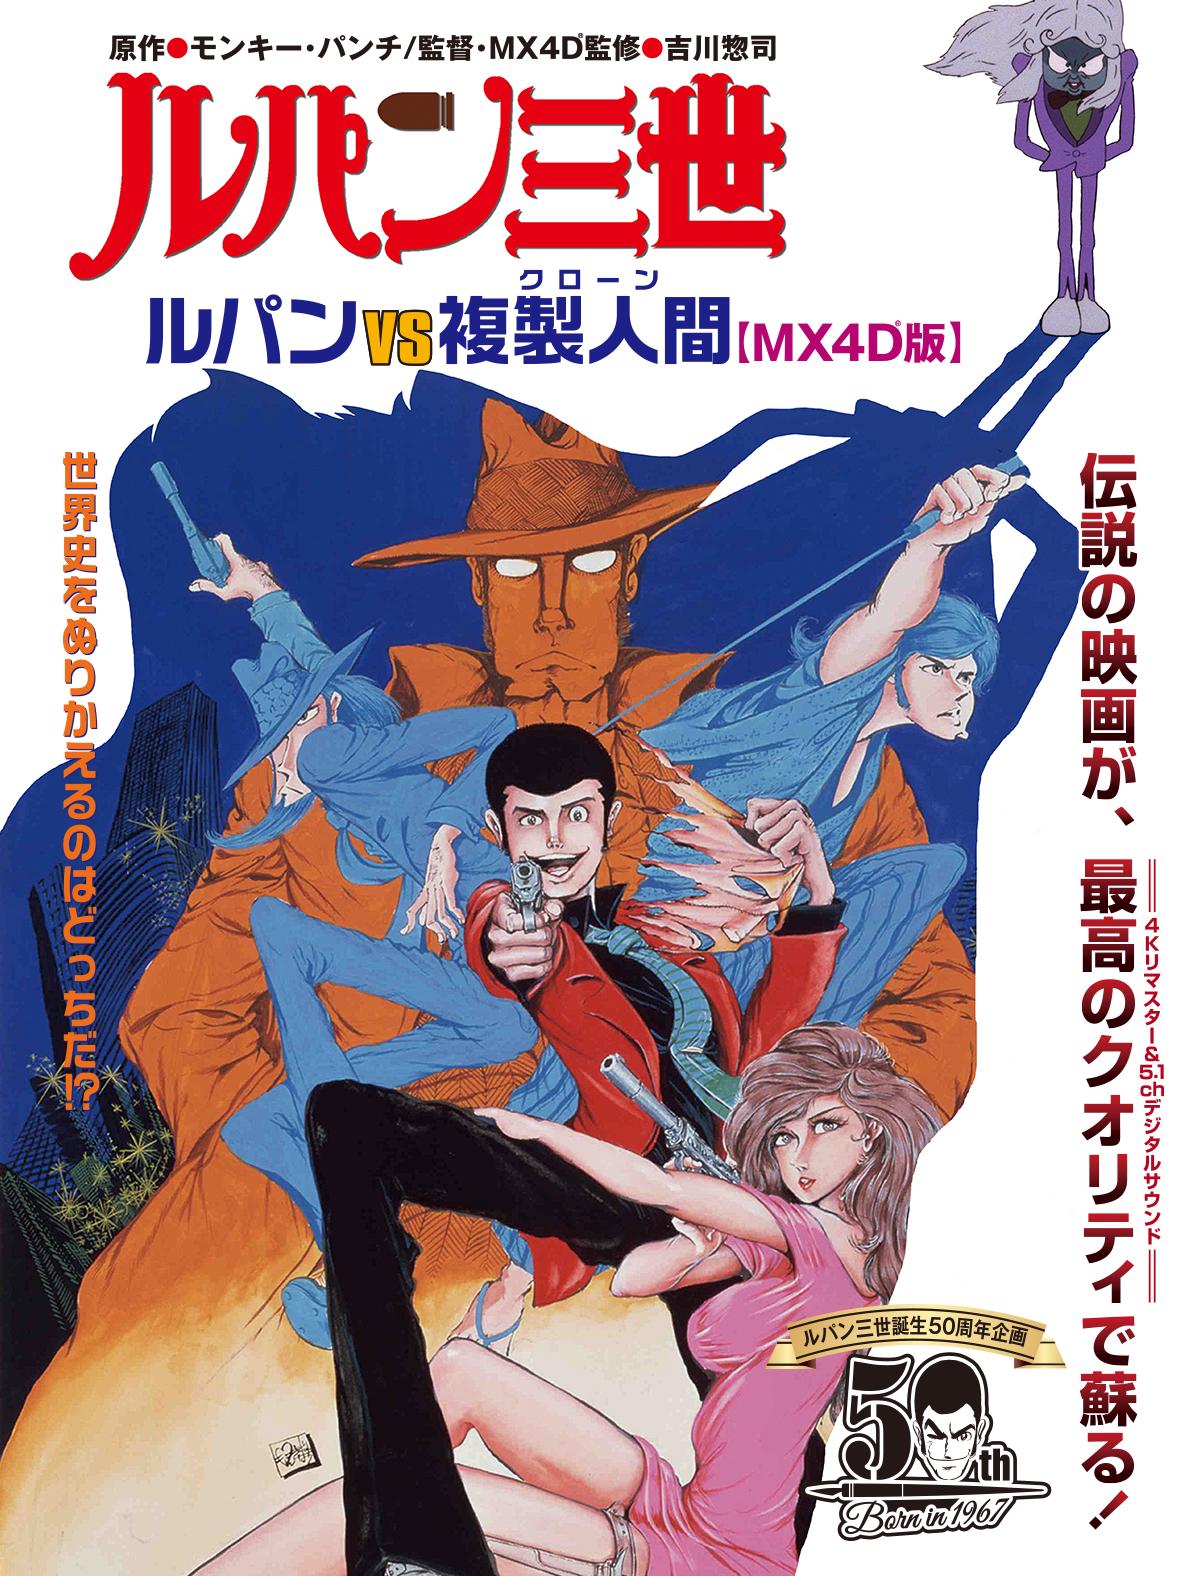 『ルパン三世 ルパンVS複製人間』MX4D(R)版いよいよ9/1公開!